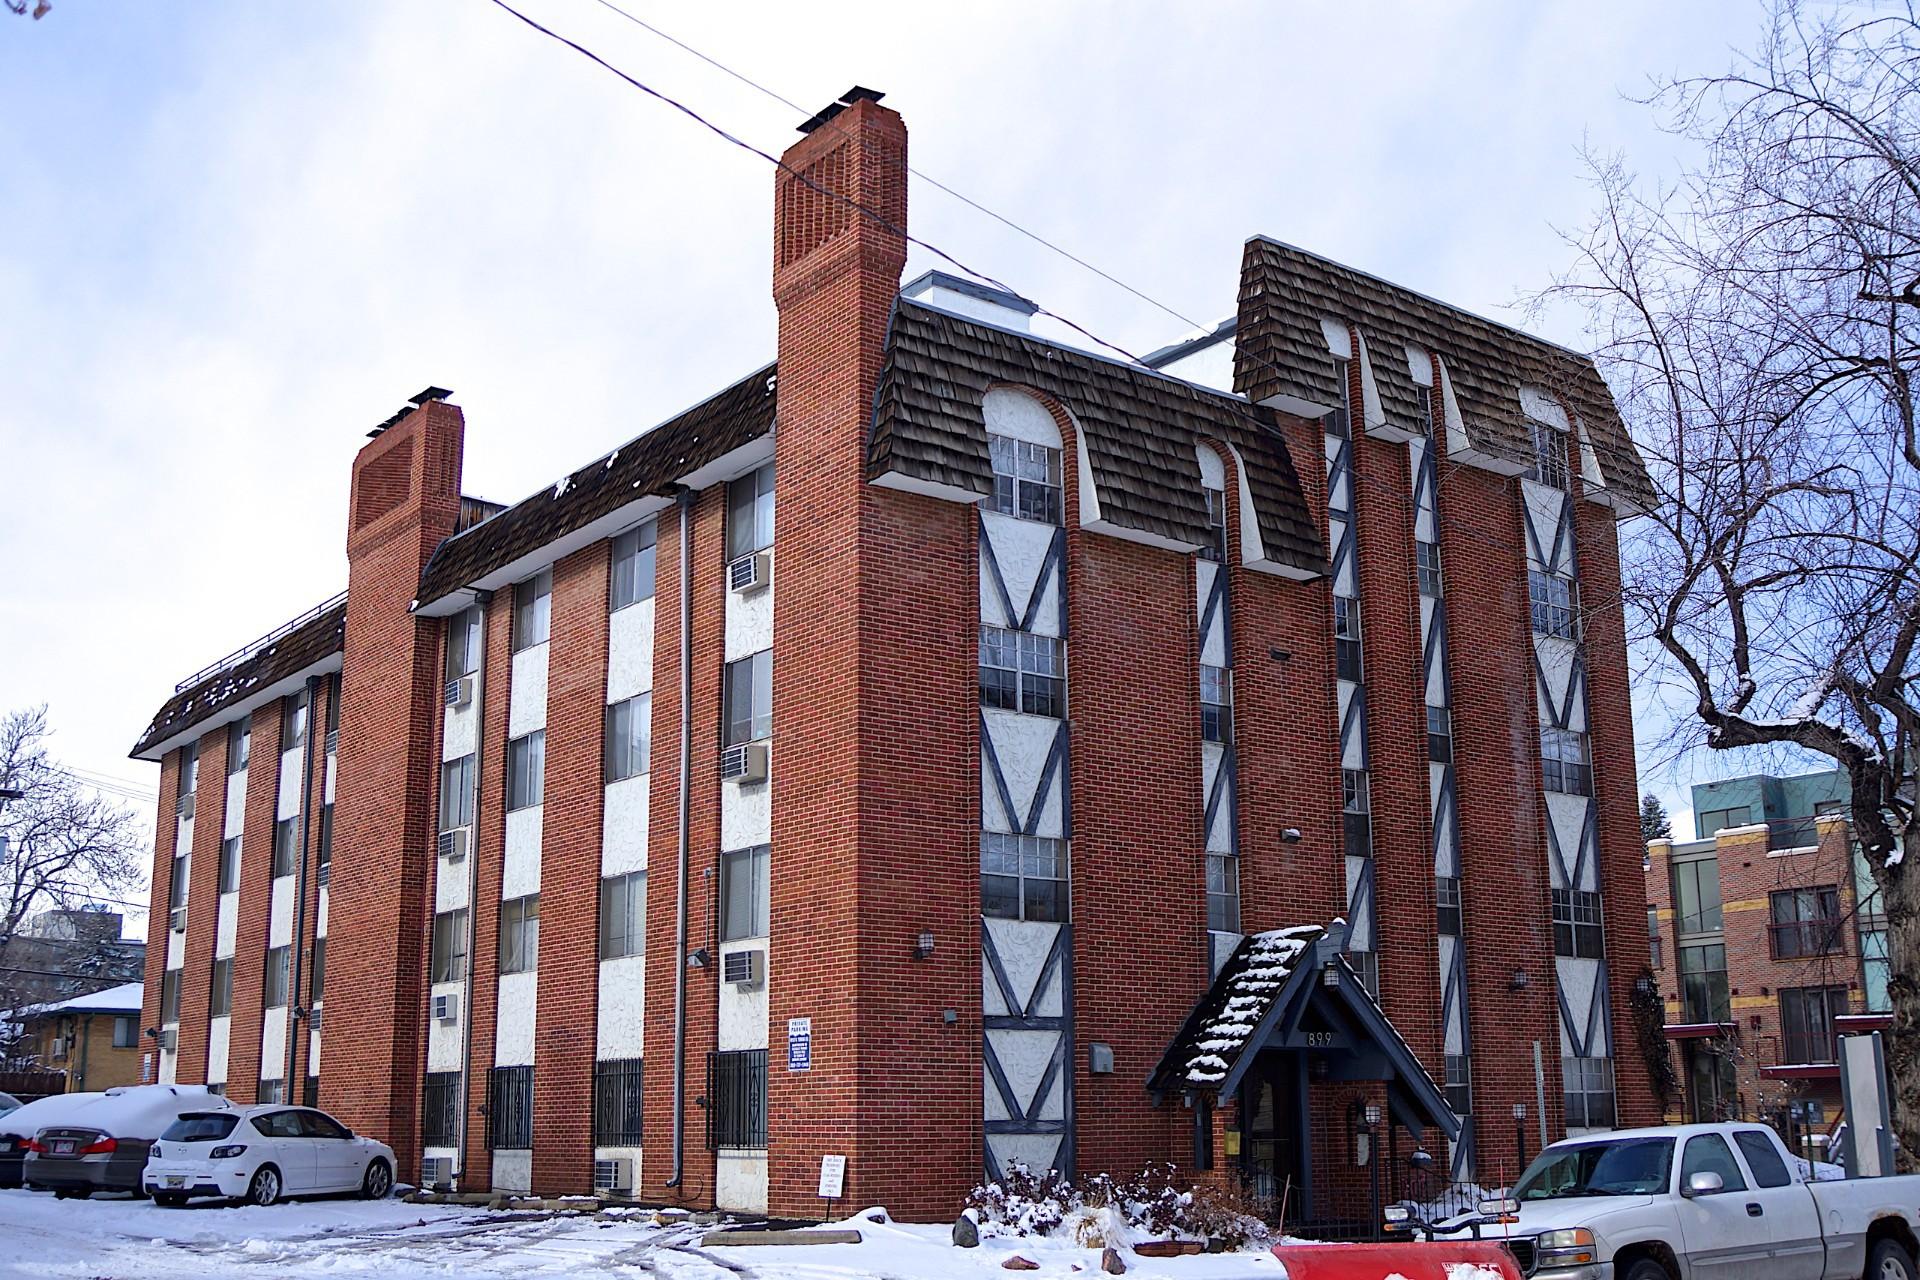 899 Washington Street Apartments